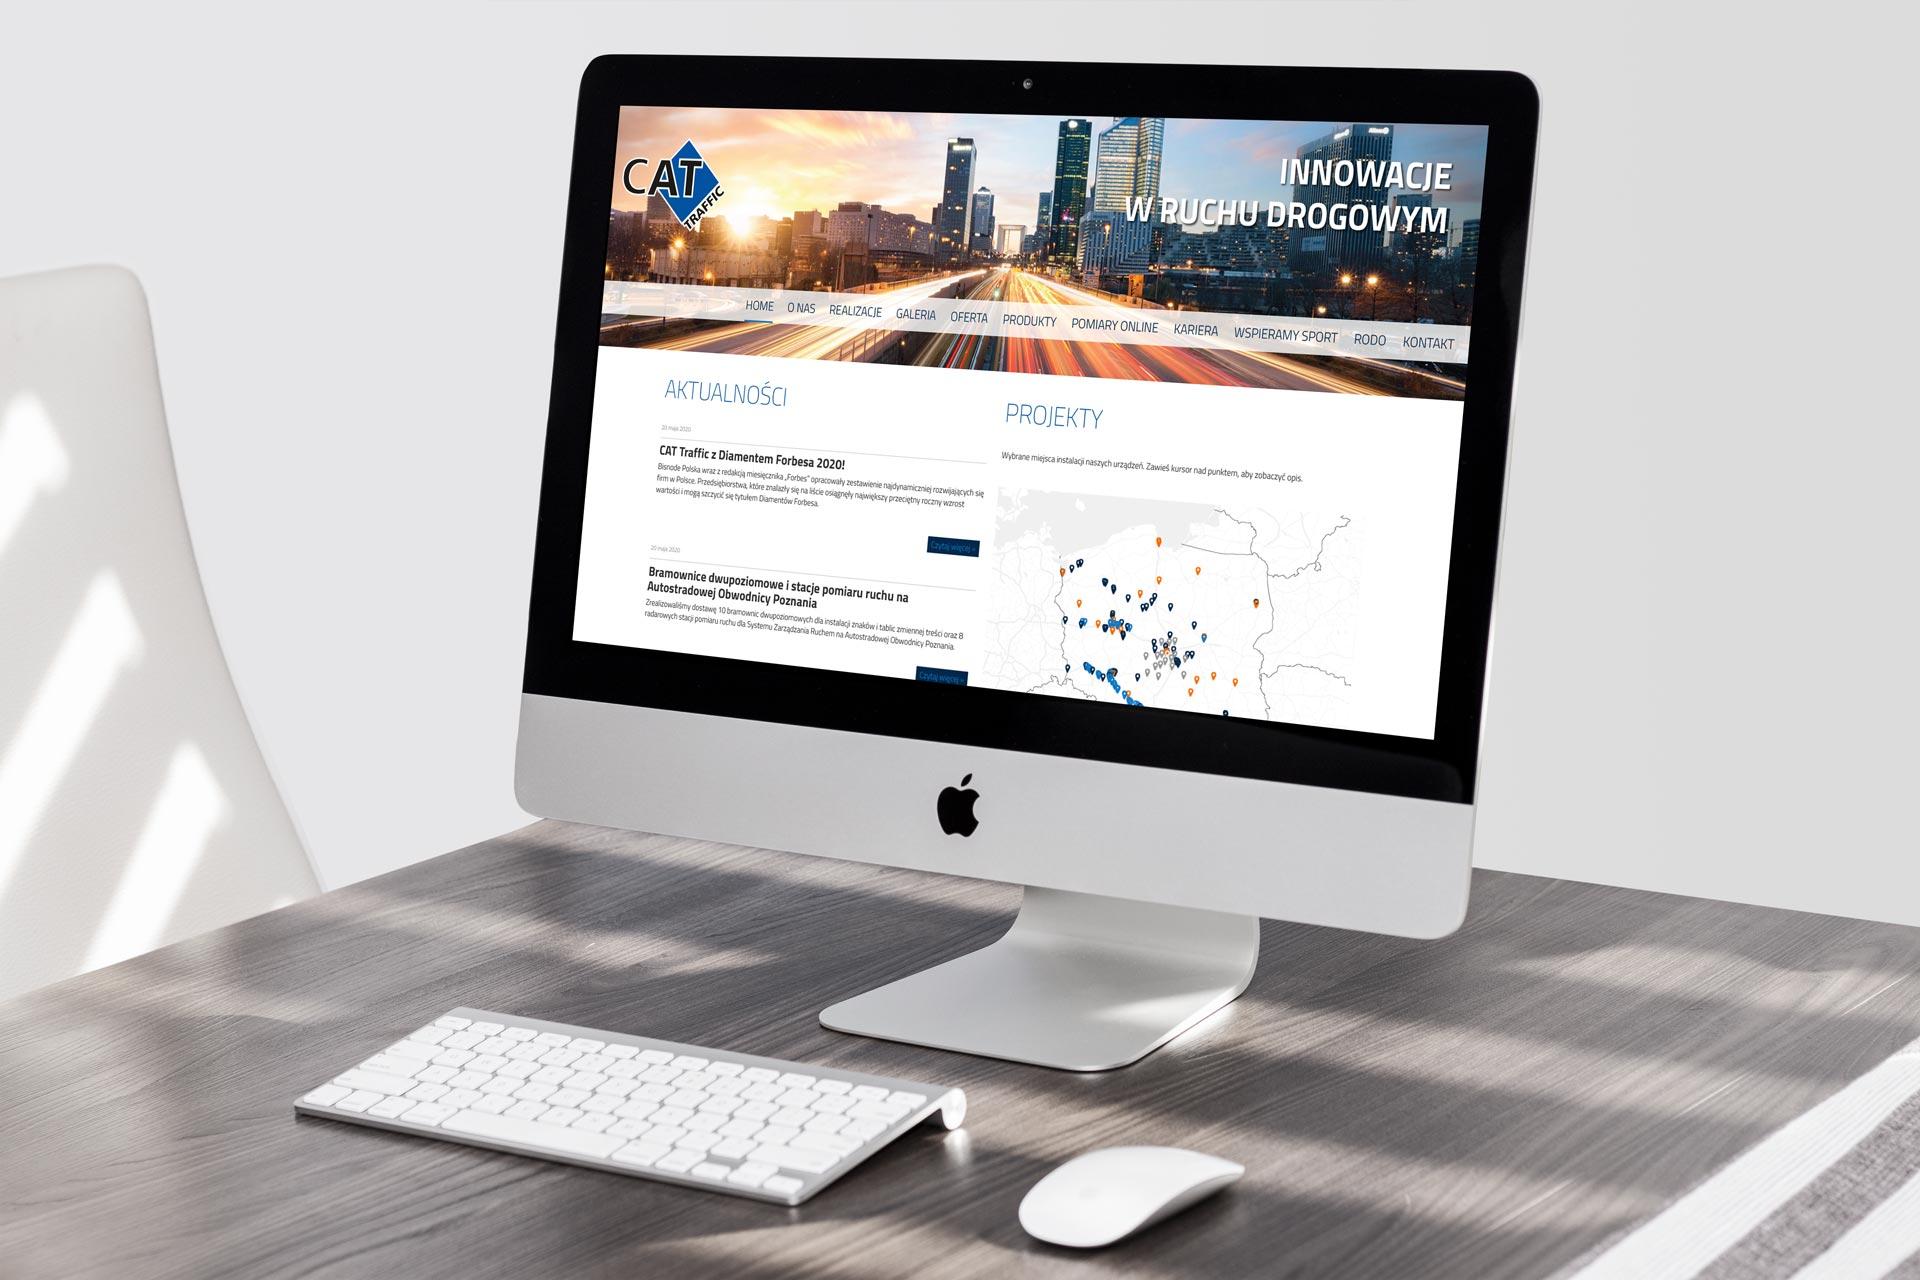 Programowanie strony z integracjami Google Maps oraz PHP